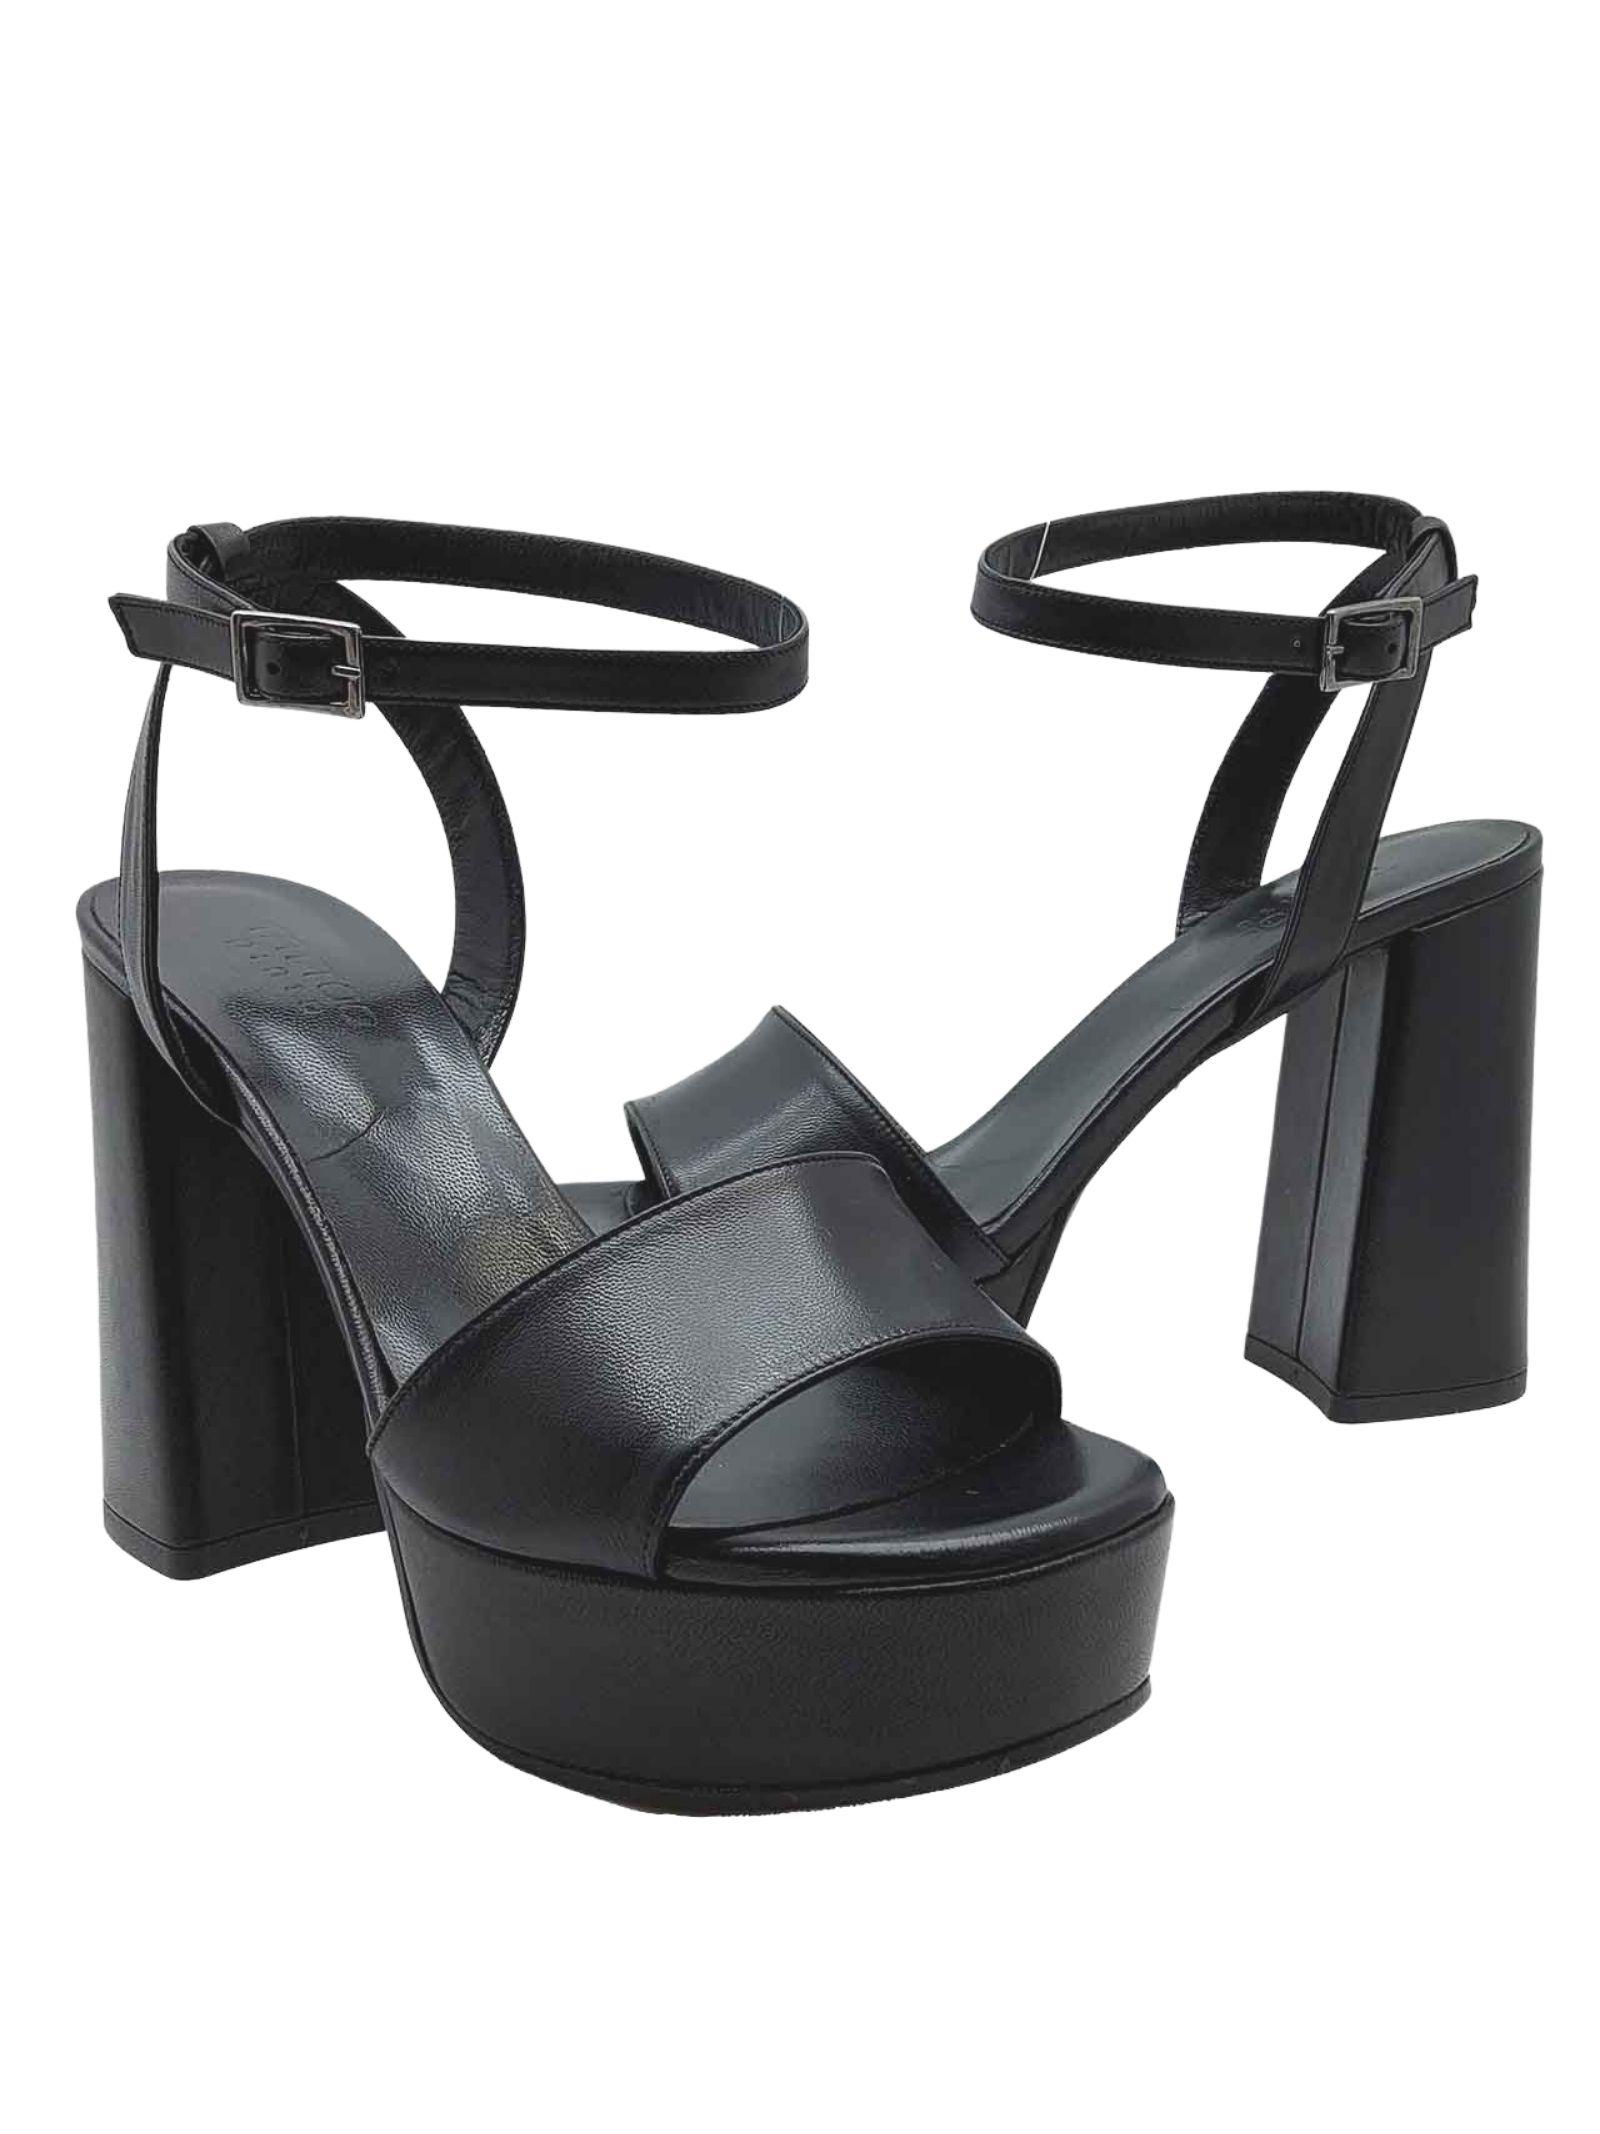 Calzature Donna Sandali Tacco Alto e Plateau in pelle Nera con Cinturino alla Caviglia Tattoo   Sandali   122001